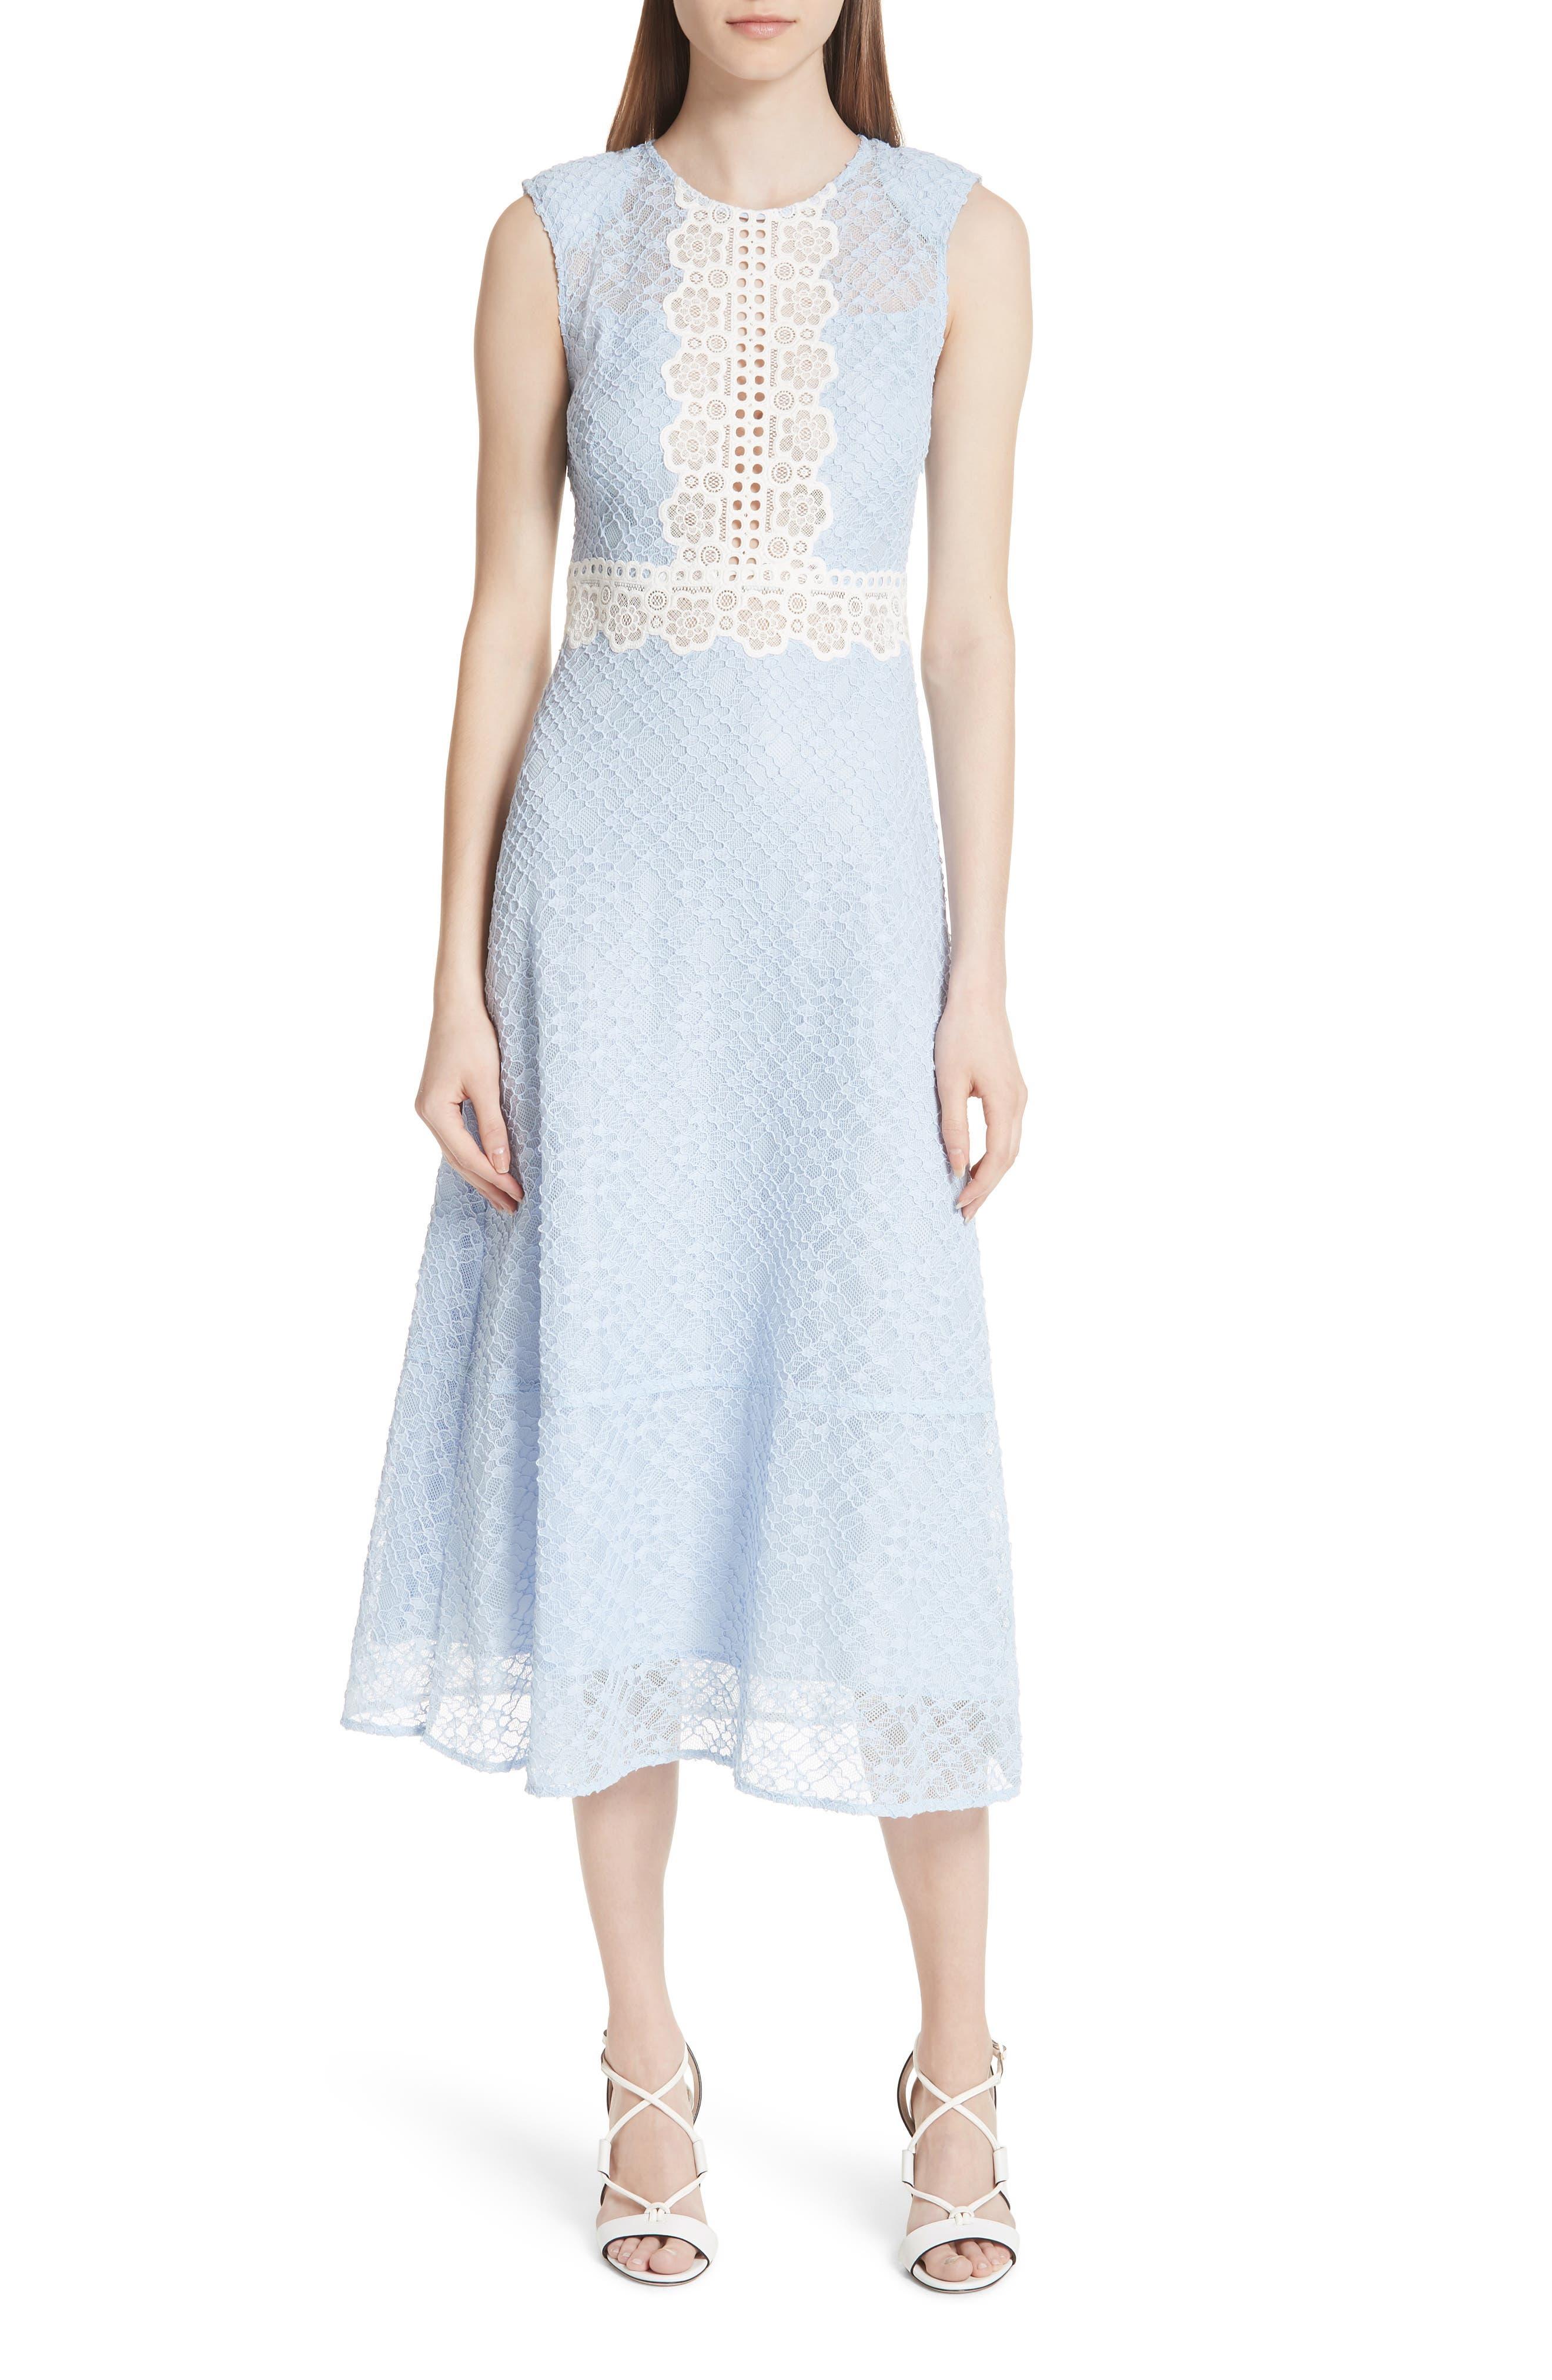 sandro Bleu Ciel Lace Midi Dress